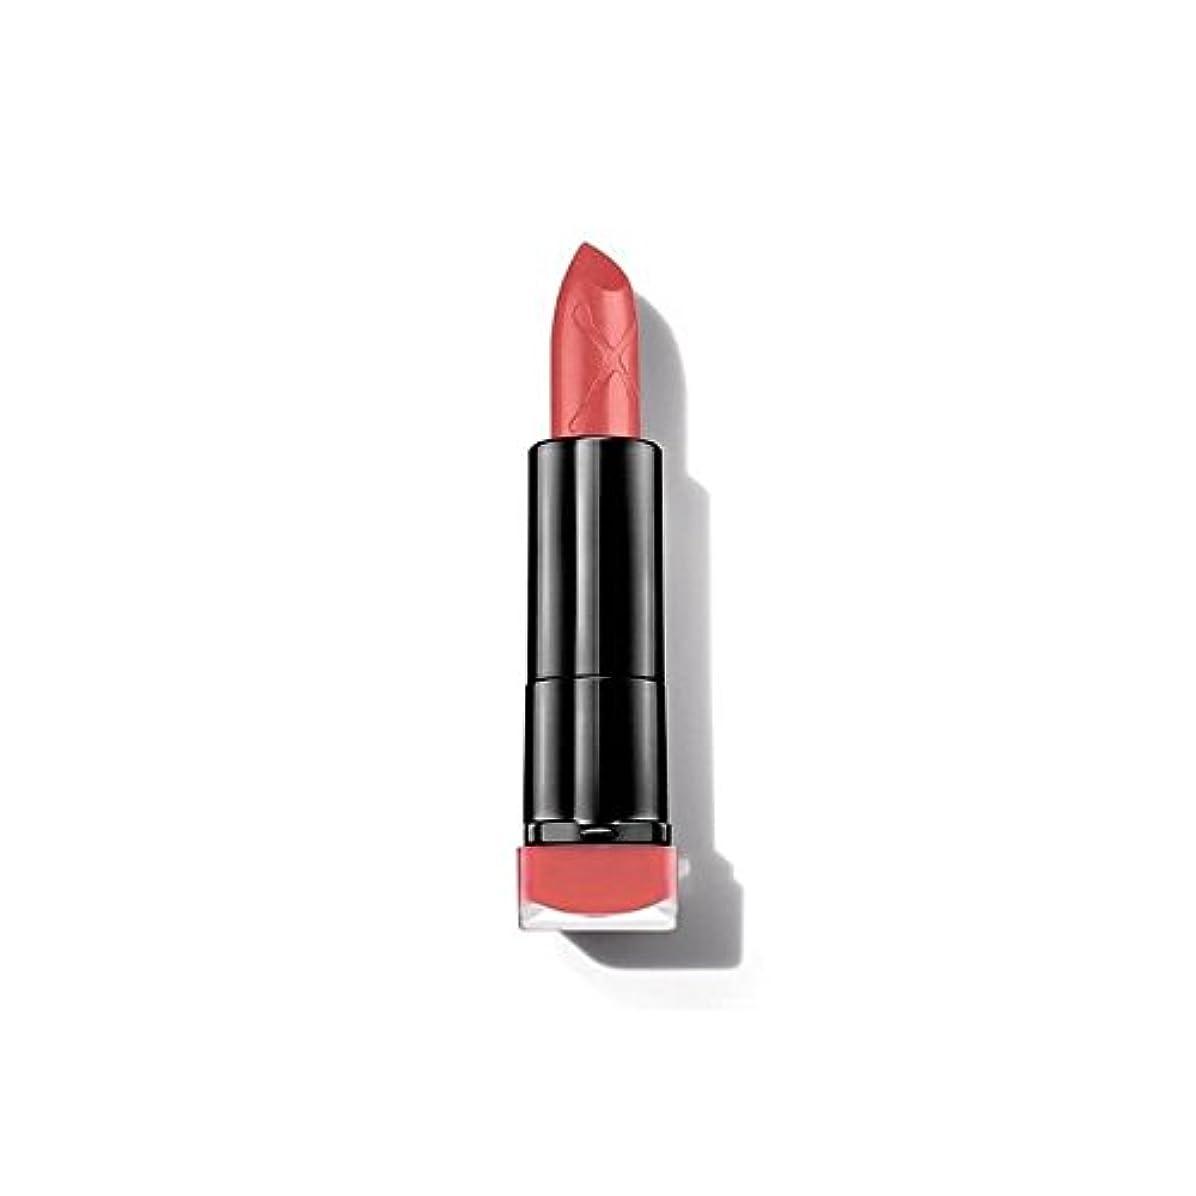 どれ発動機コロニーマックスファクターカラーエリキシルマット弾丸口紅 10 x4 - Max Factor Colour Elixir Matte Bullet Lipstick Sunkiss 10 (Pack of 4) [並行輸入品]